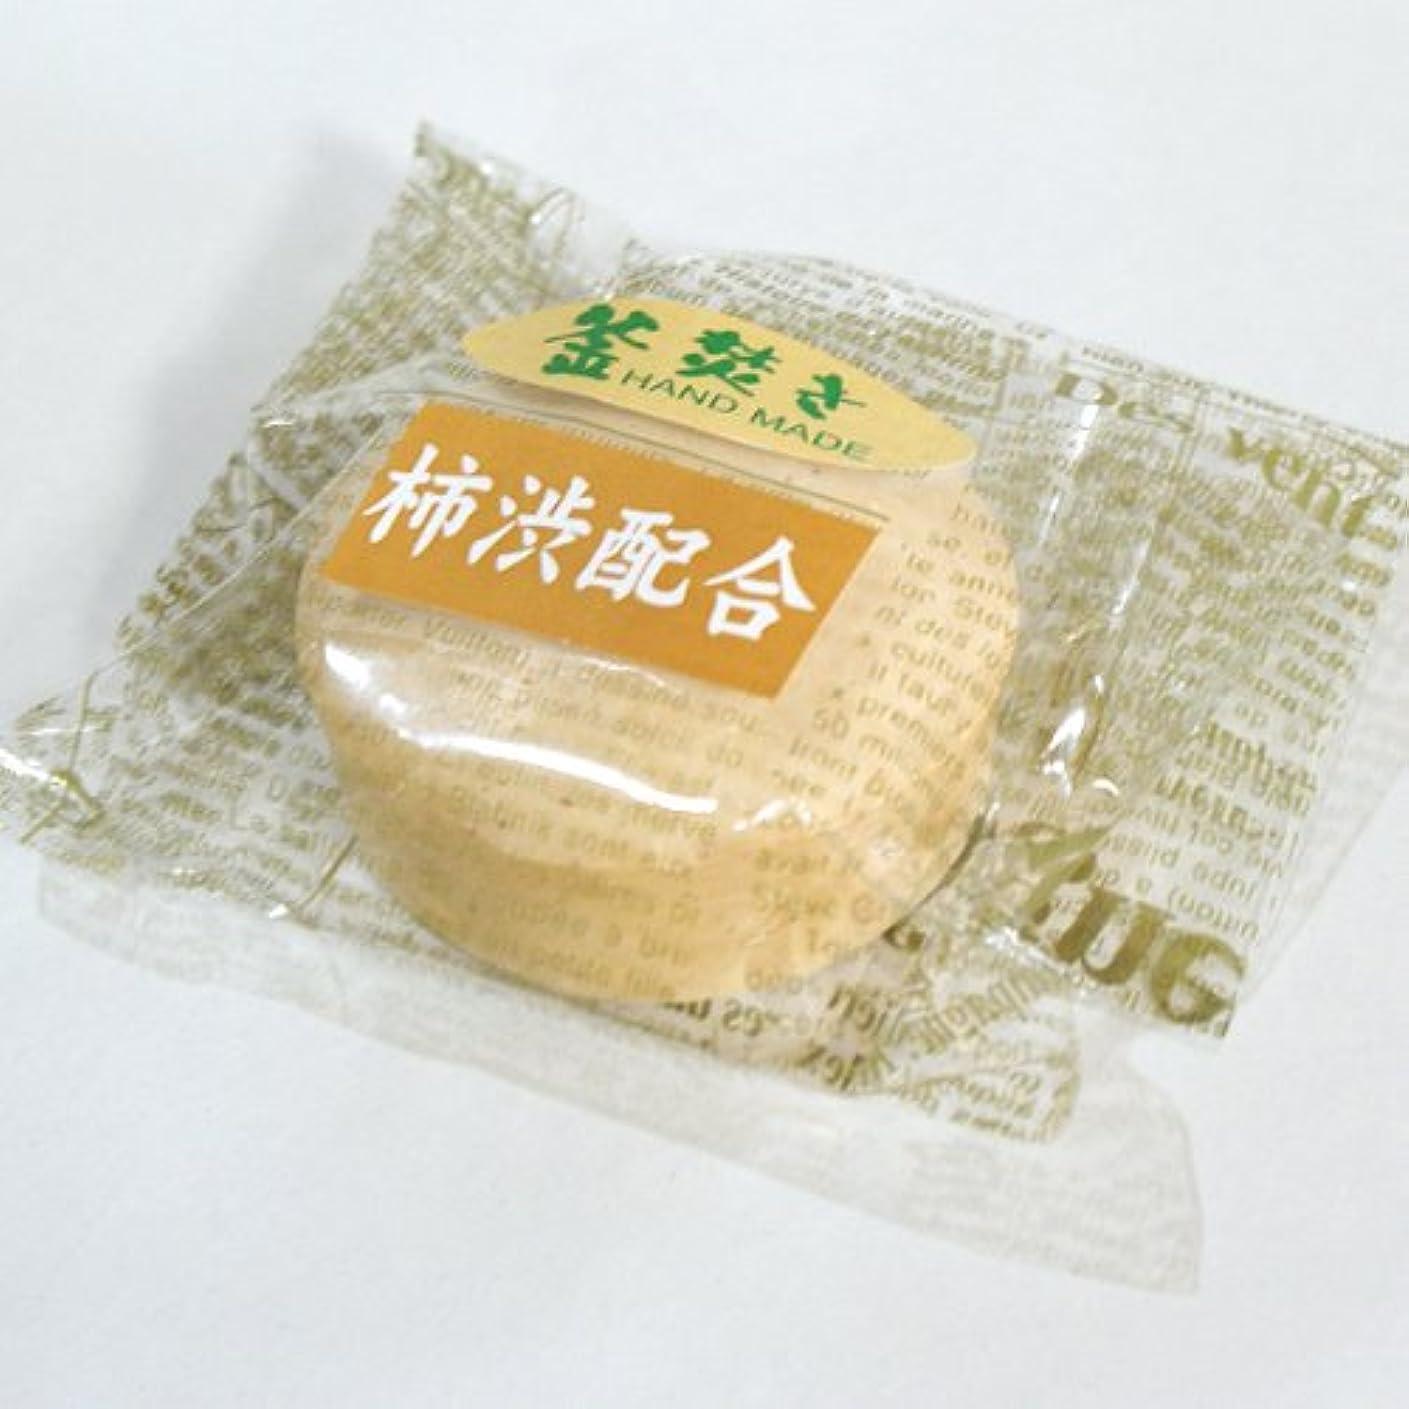 つまずく高価な品種八坂石鹸 手作り石けん 柿渋60g